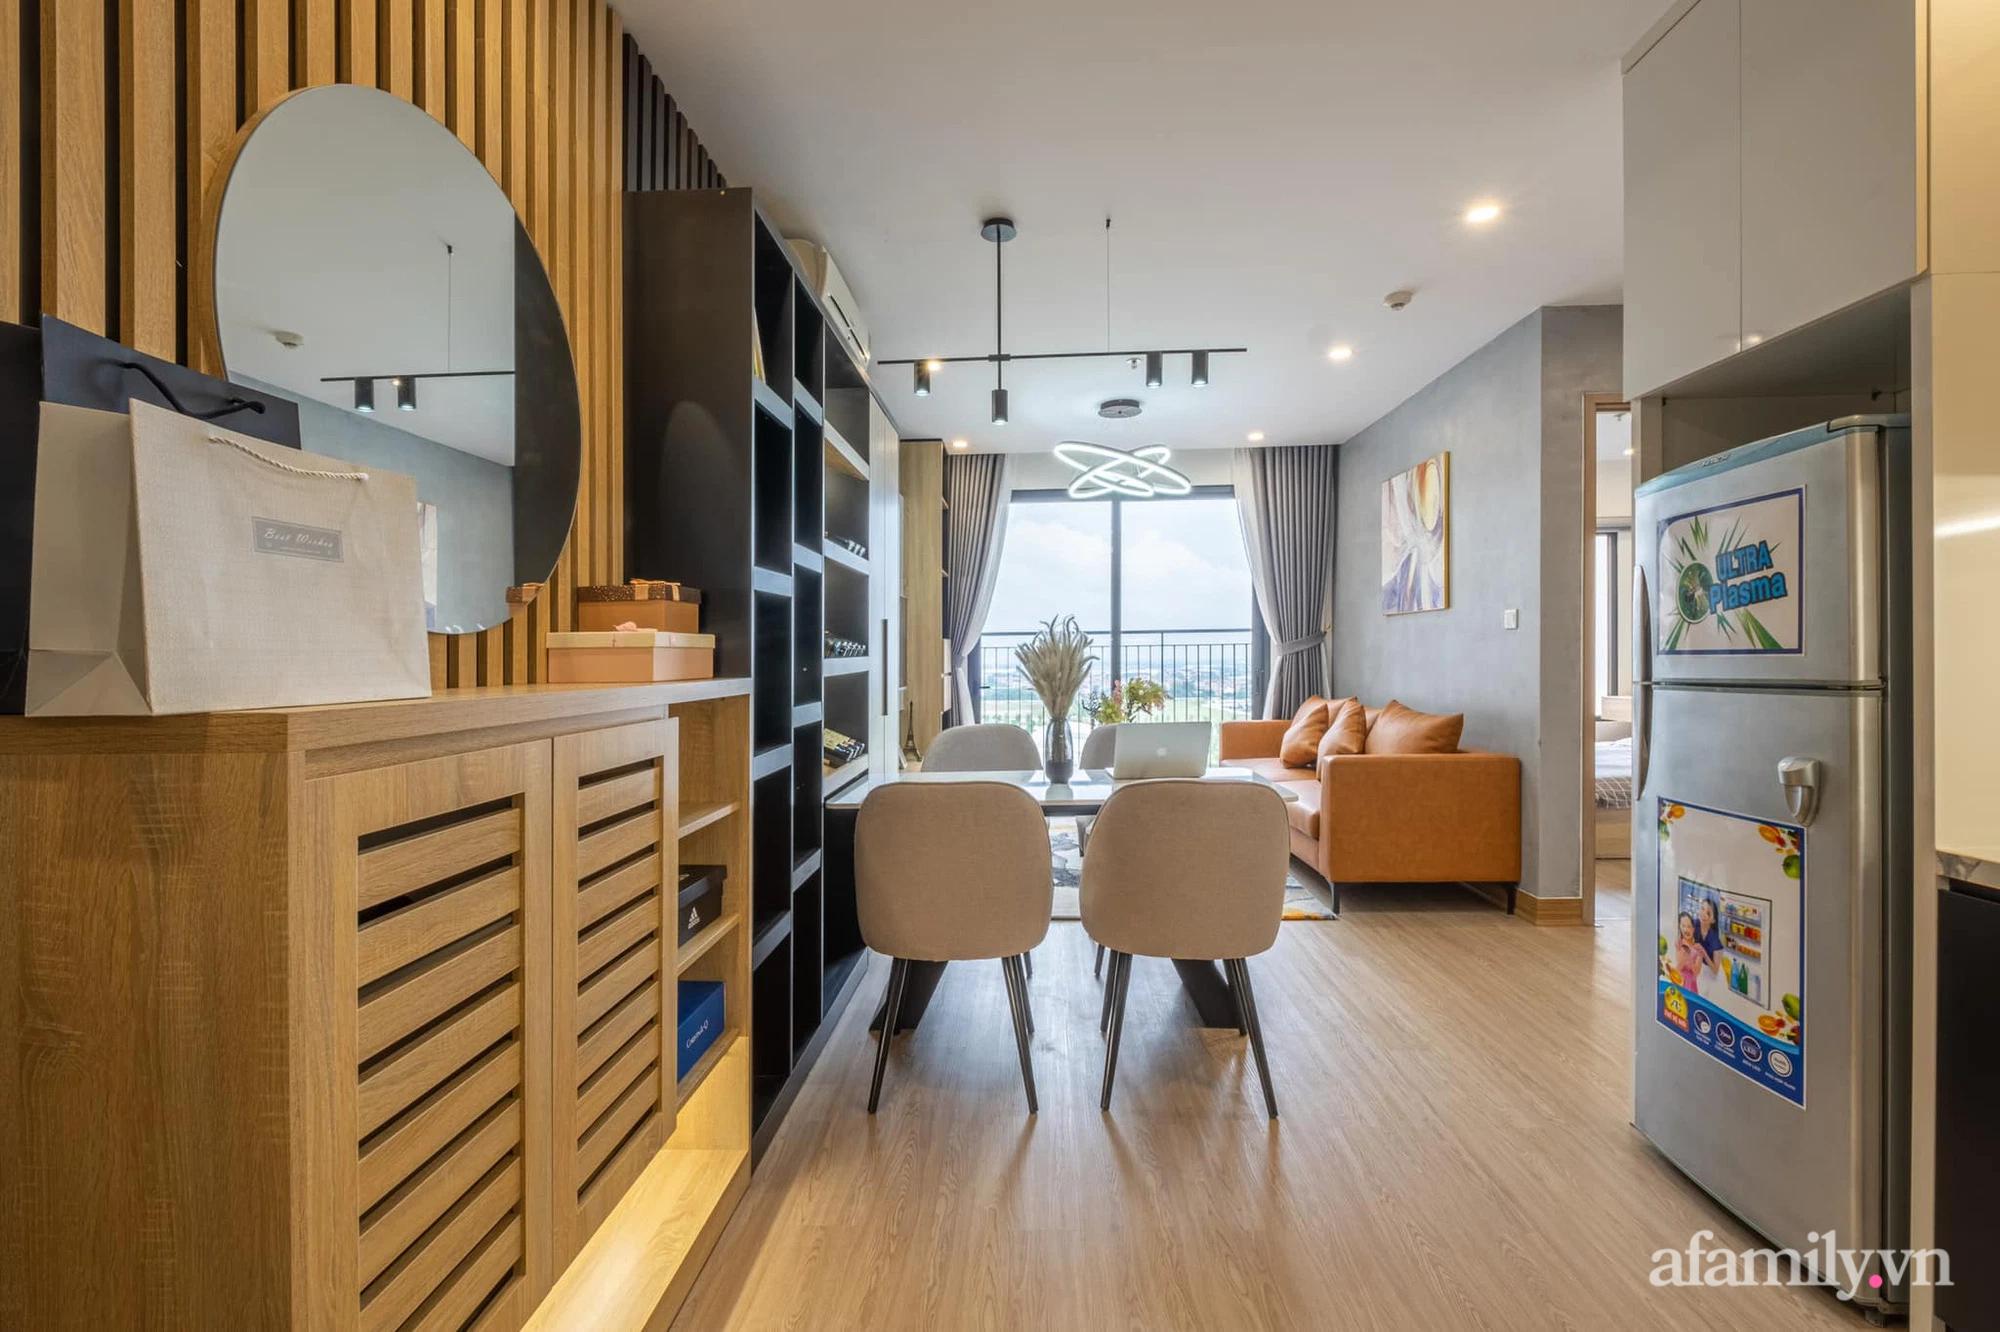 Chàng trai Hà Nội chuyển từ nhà phố 4 tầng lên ở chung cư vì lý do không phải ai cũng biết - Ảnh 6.